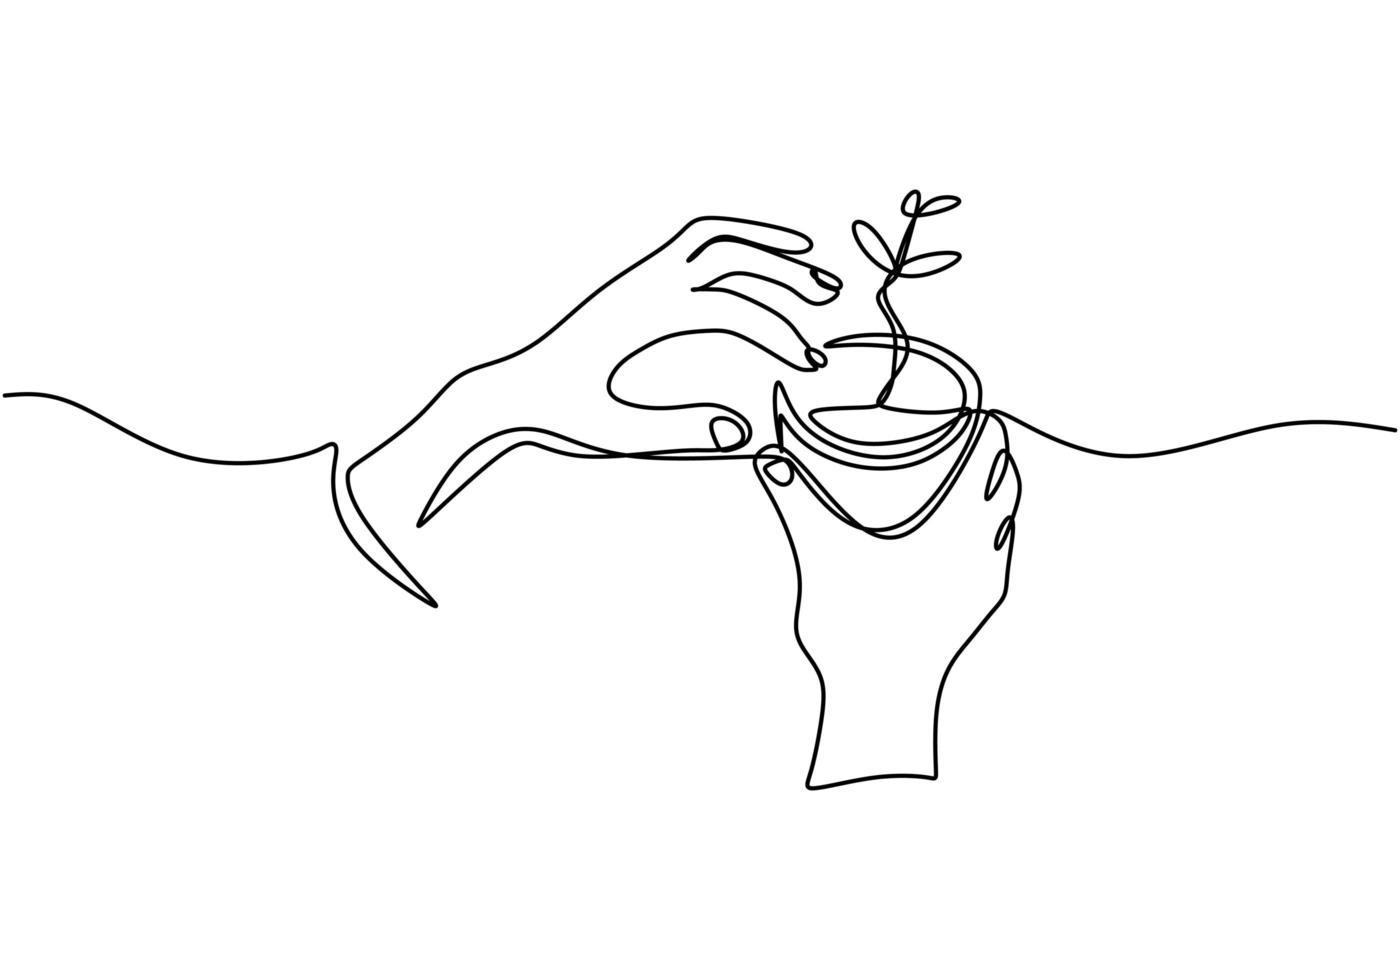 mão segurando o vaso da planta. desenho de uma linha contínua do tema de volta à natureza. vetor